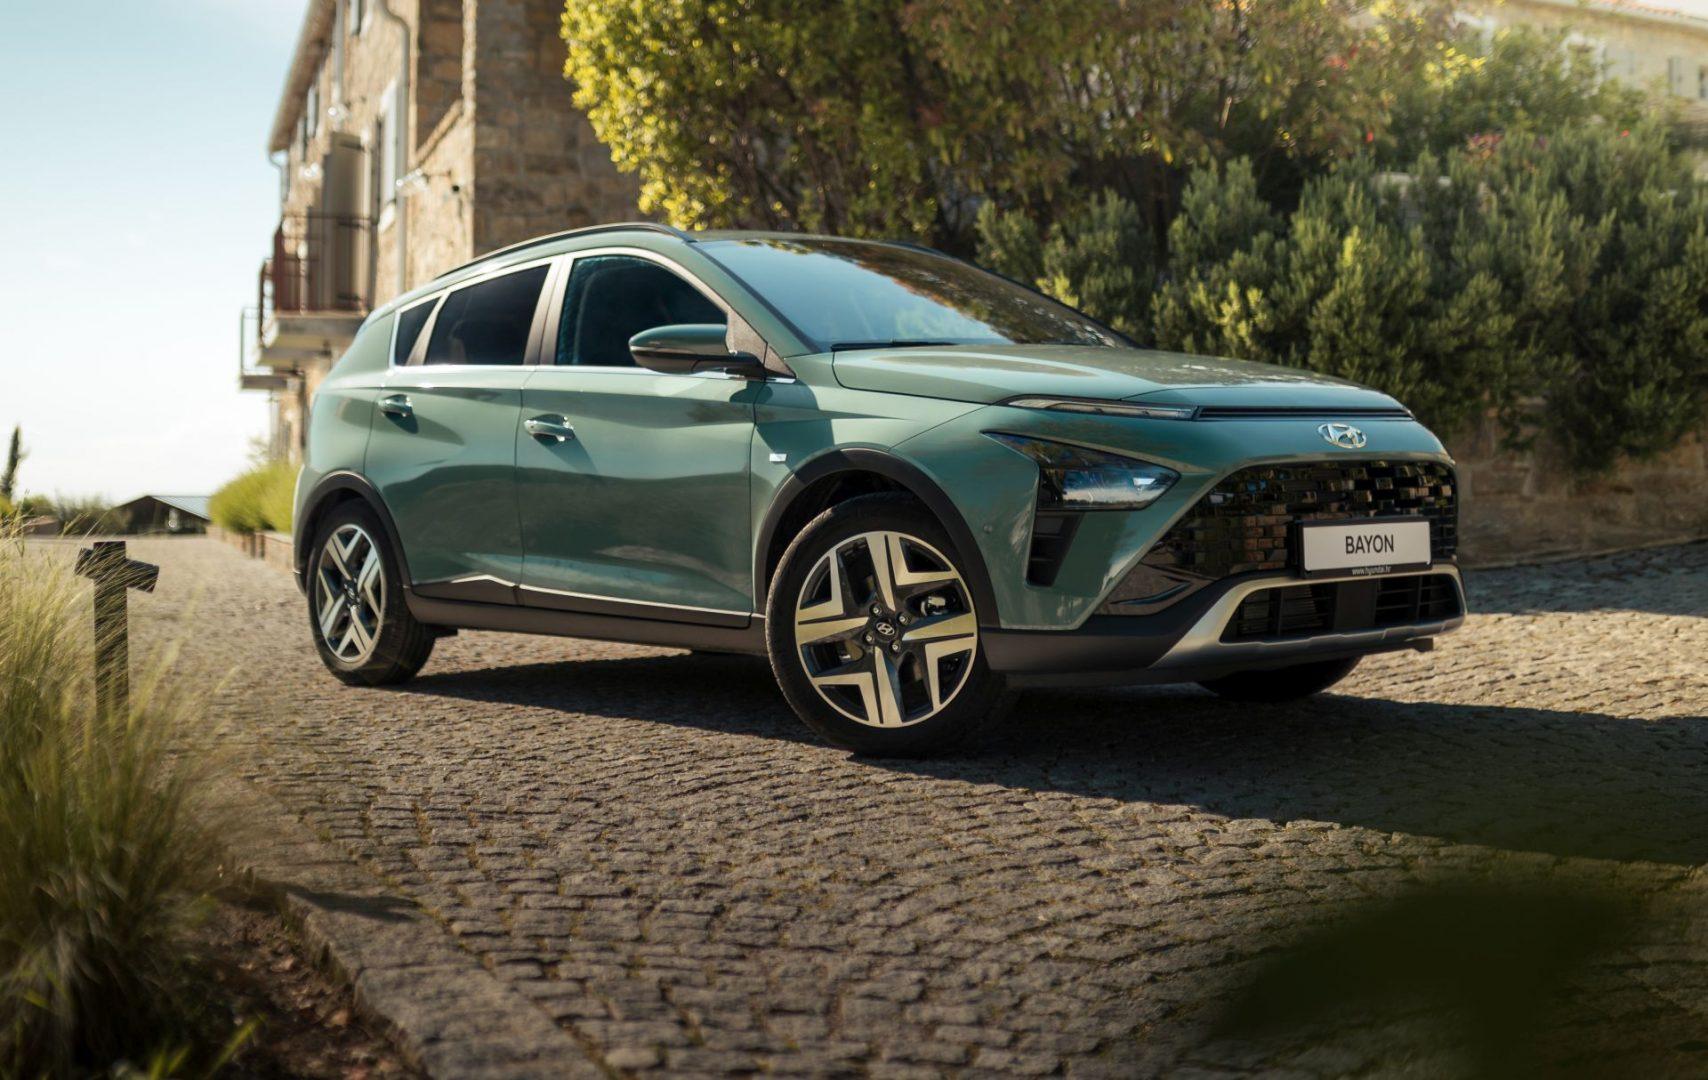 Hyundai Bayon stigao na naše tržište, a cijene startaju od 114.990 kuna